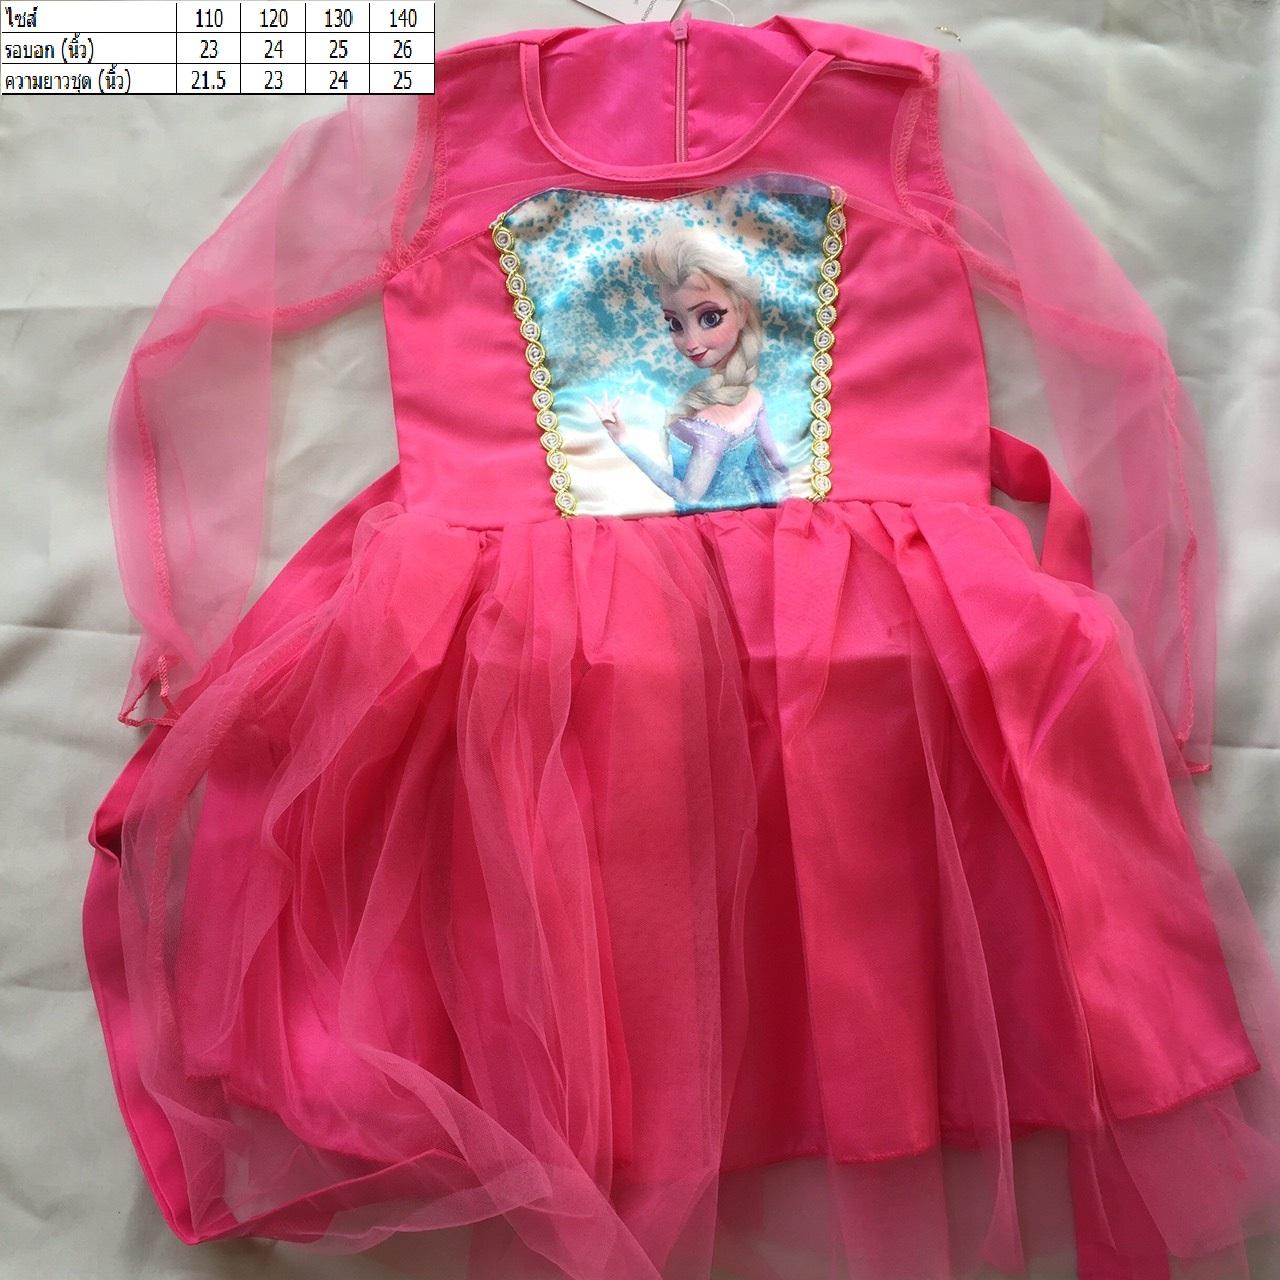 ชุดเด็ก : เดรส Frozen แขนยาว ผ้ามุ้งบาง สีชมพู** ของจริงสีเข้มเหมือนรูปเสิรม